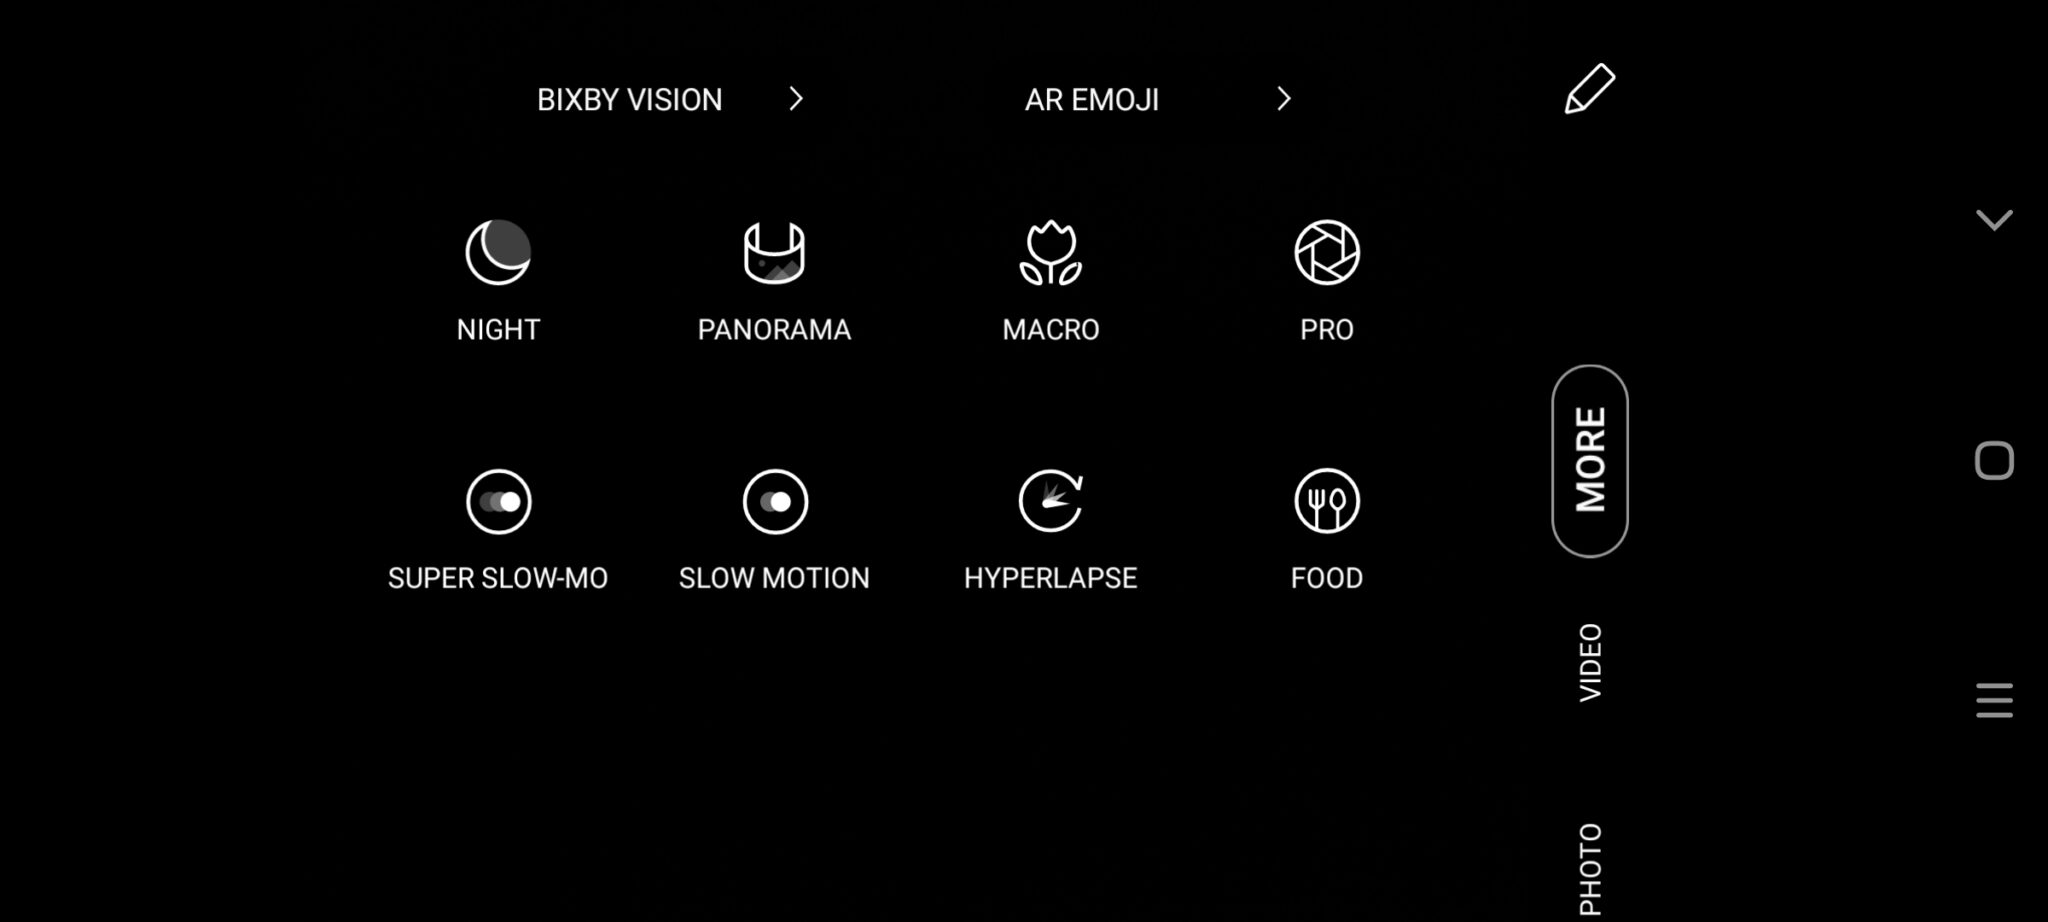 Samsung Galaxy A71 camera mode UI